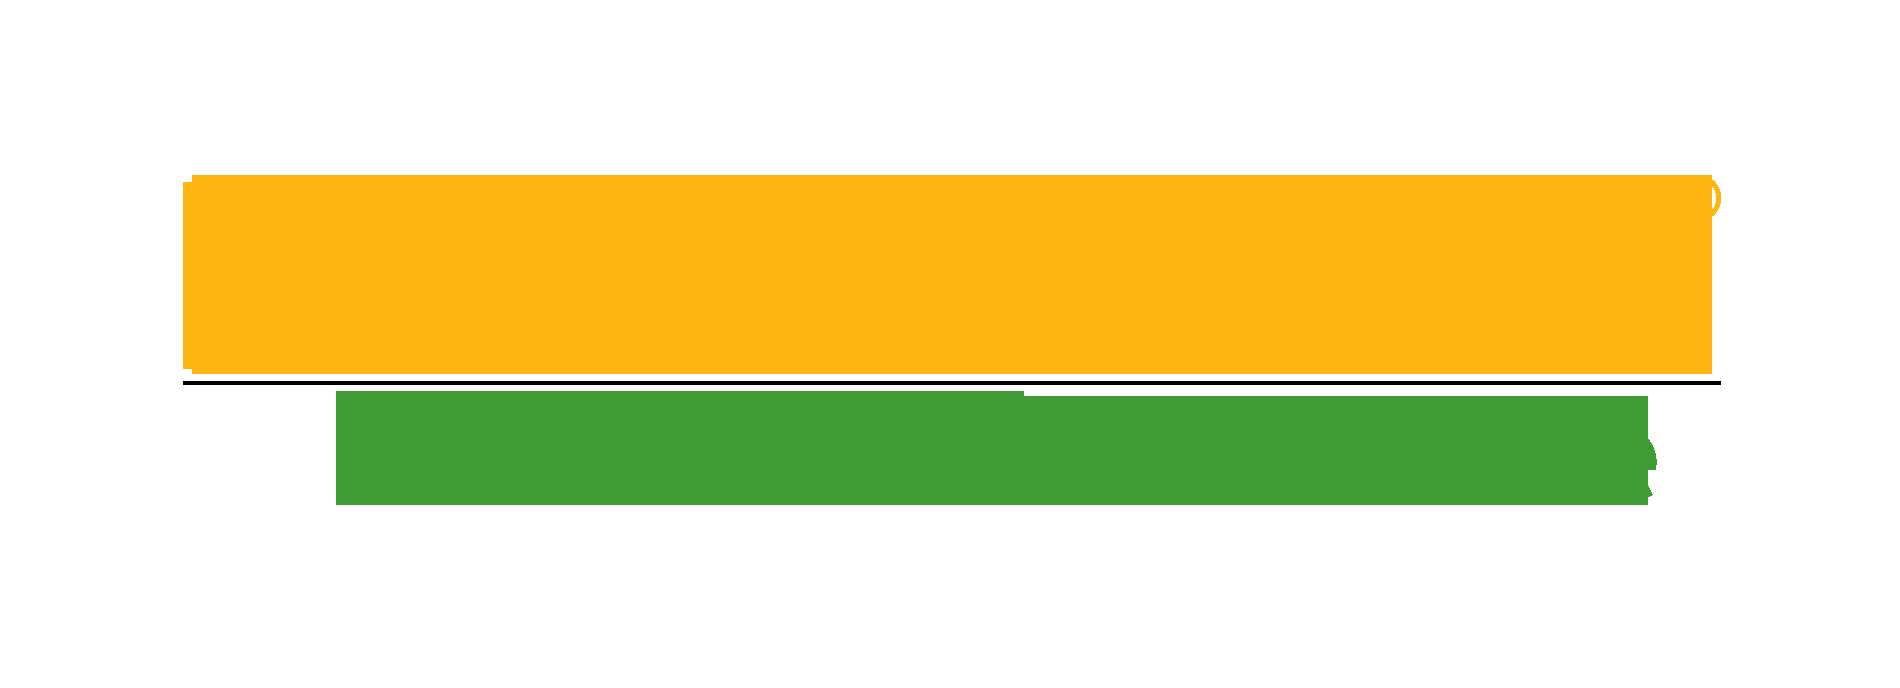 Provys Ace production